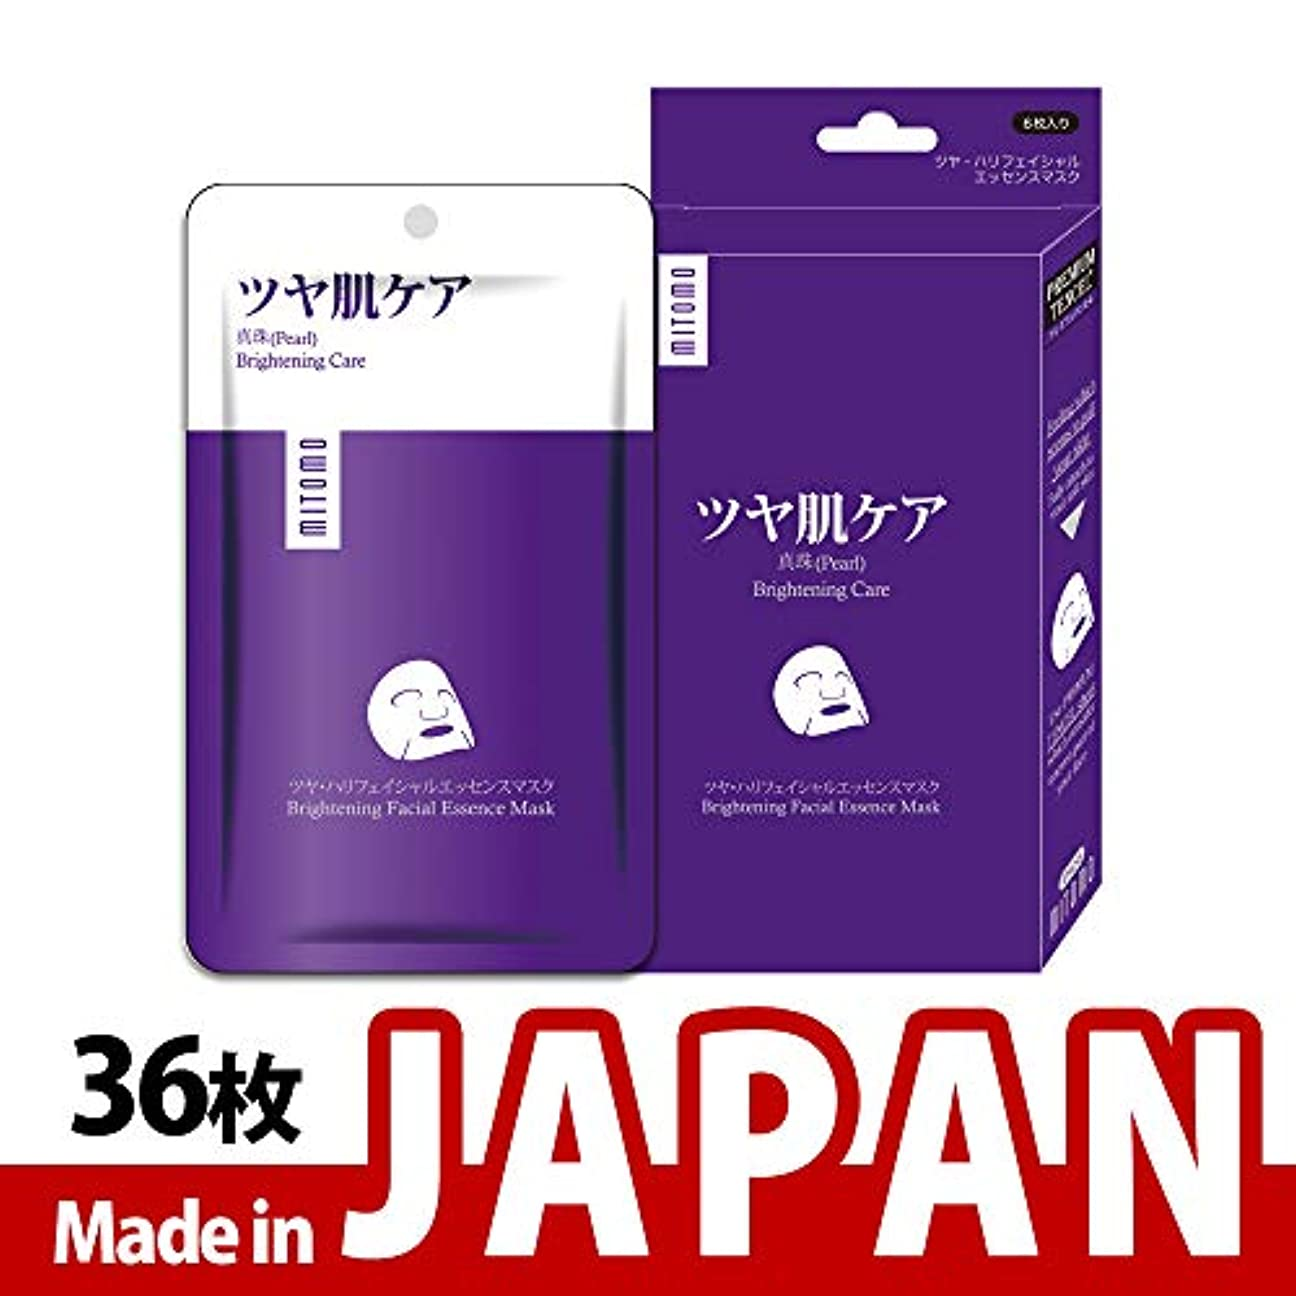 詐欺信頼できる明らかに【HS002-A-2】MITOMO日本製シートマスク/6枚入り/36枚/美容液/マスクパック/送料無料